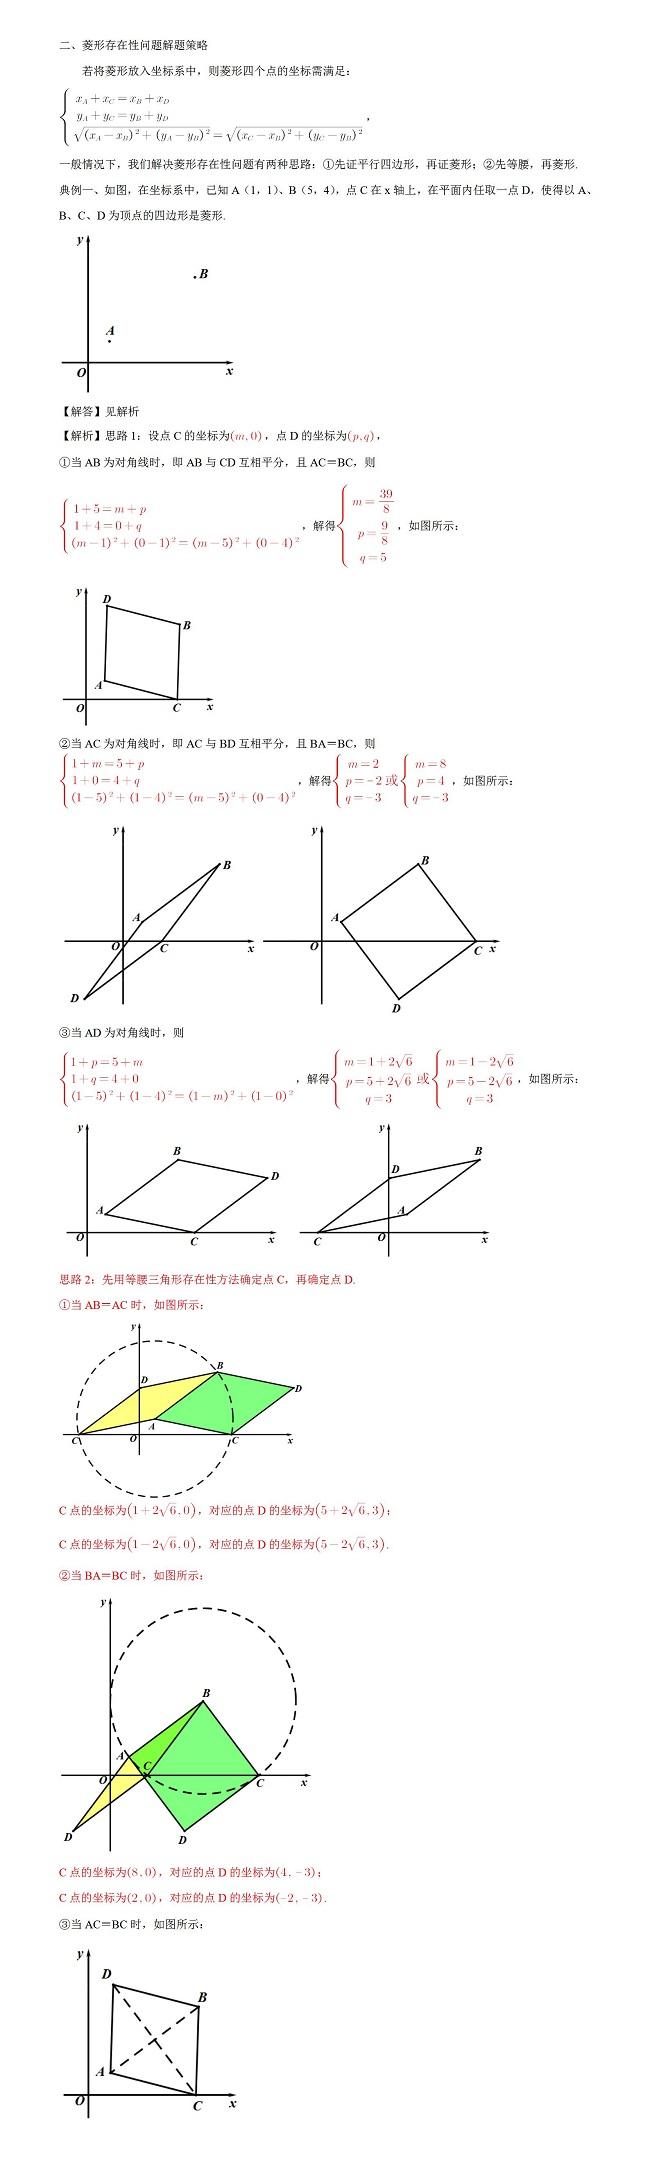 2020年初三数学菱形存在性问题知识精讲(二)